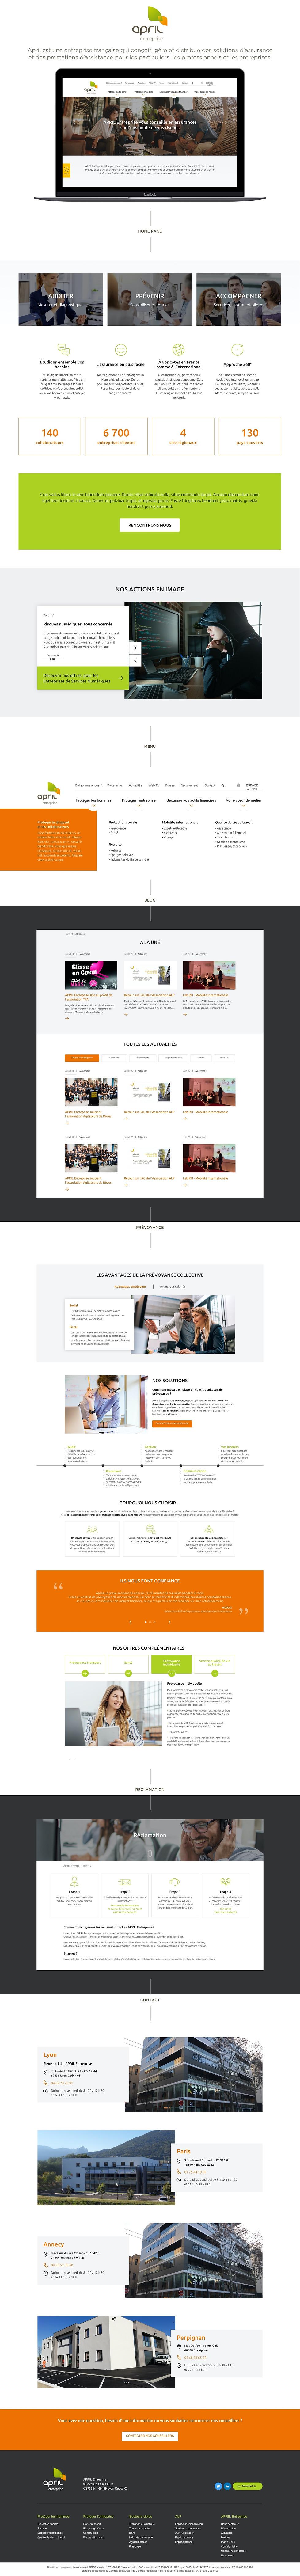 Présentation_April_Entreprise.jpg